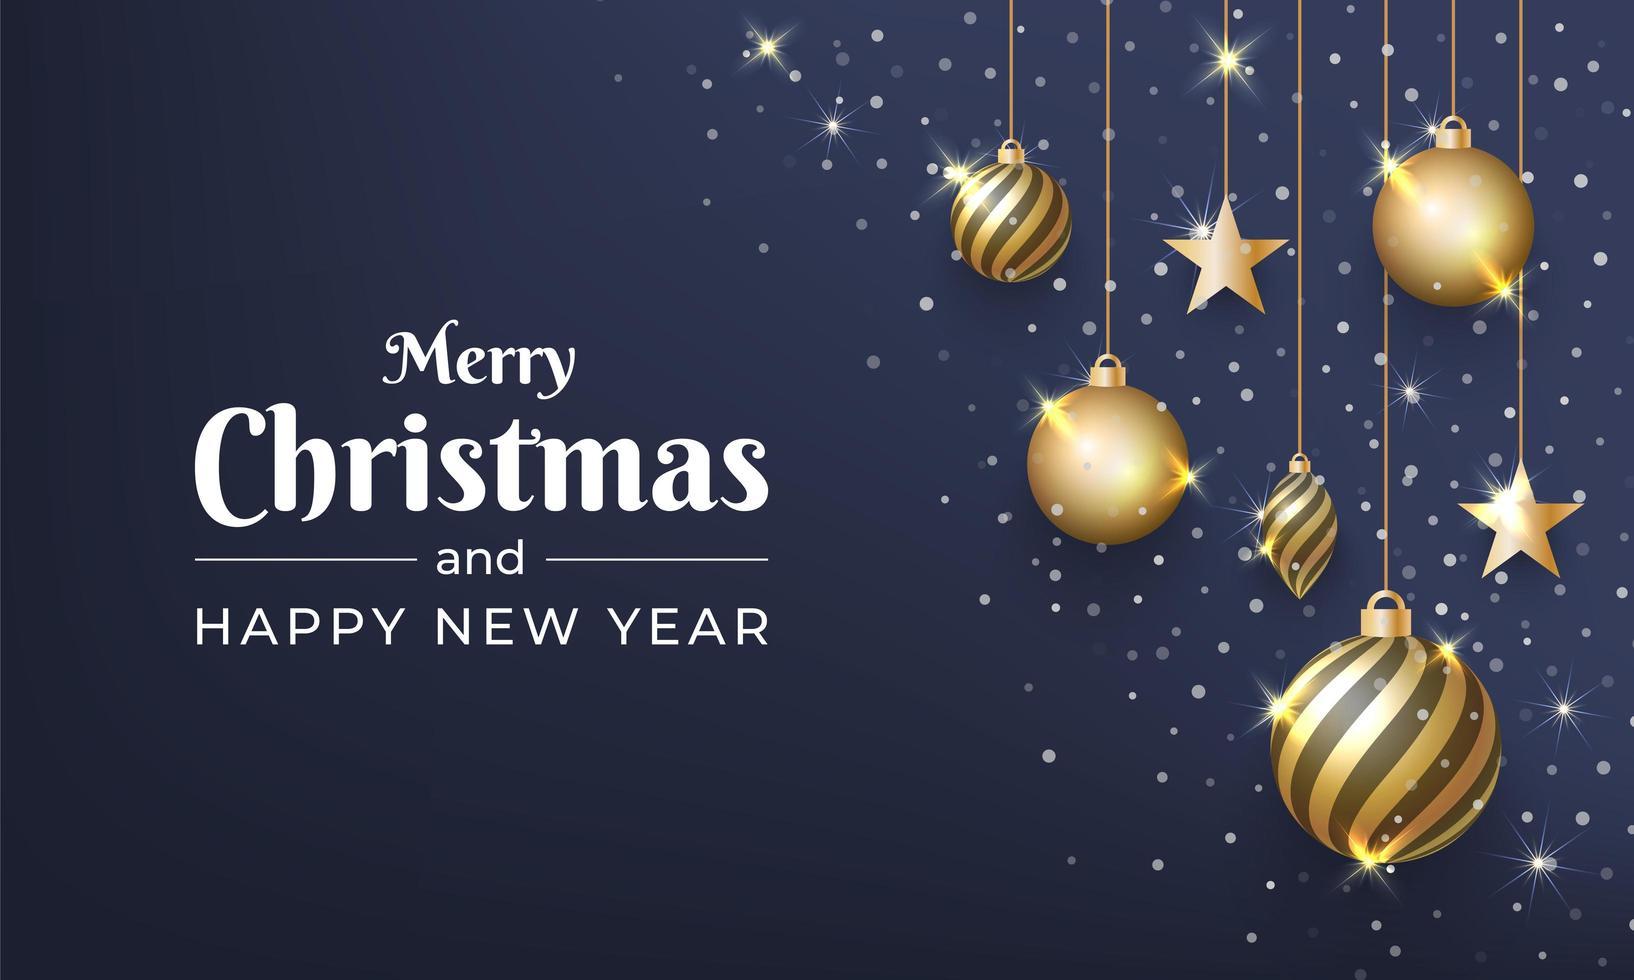 vrolijk kerstfeest met glanzend gouden bal ornament vector